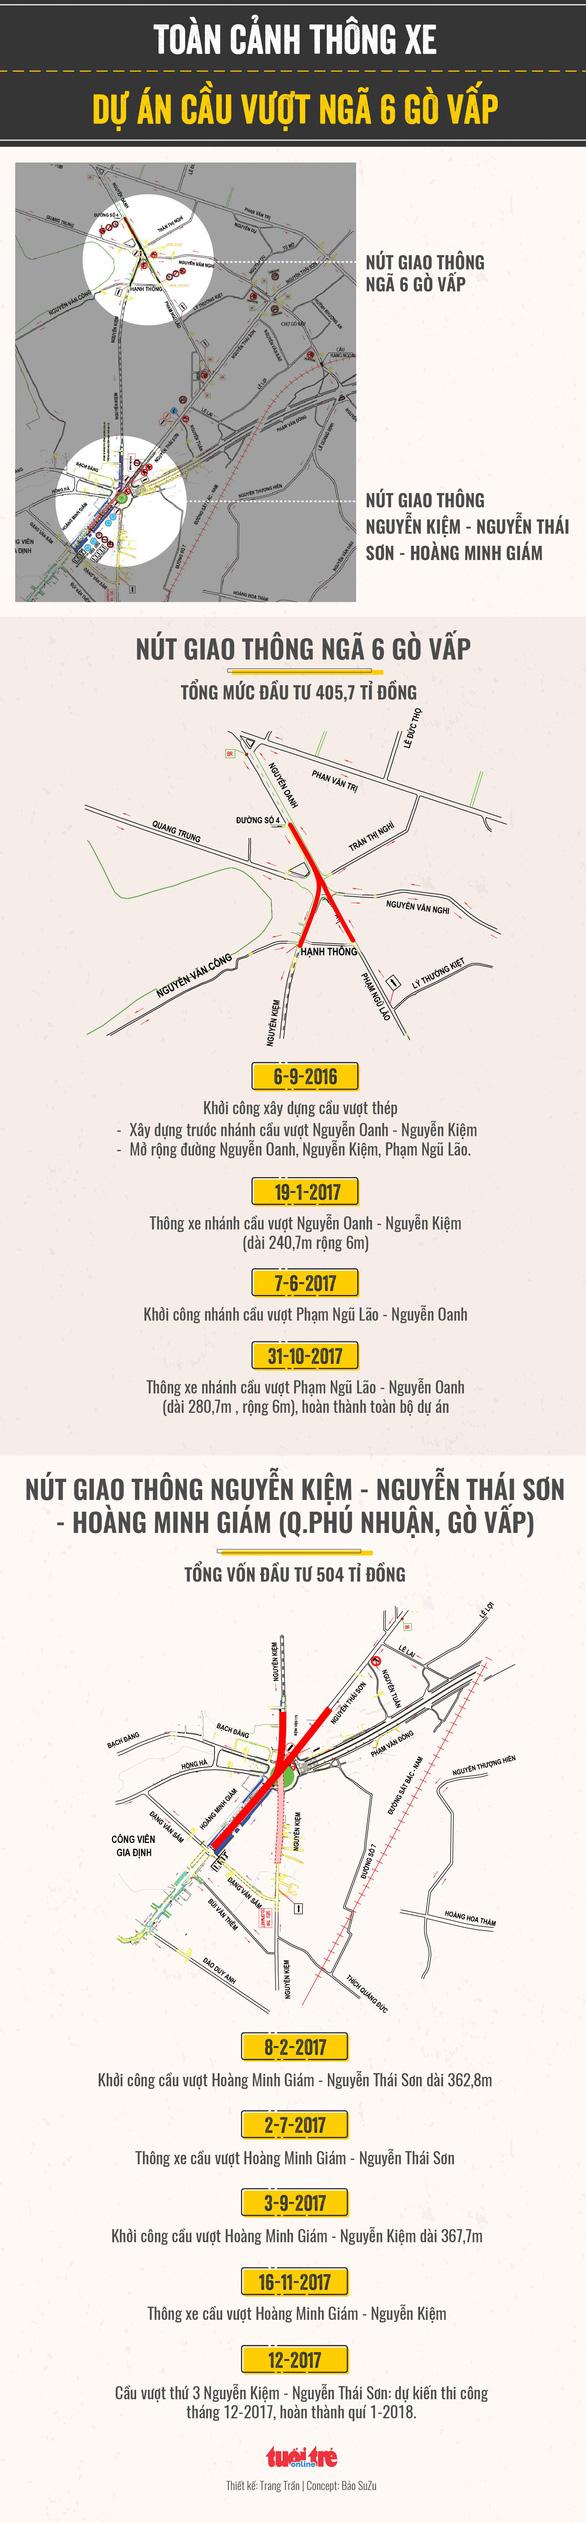 Phân luồng vòng xoay Nguyễn Kiệm - Nguyễn Thái Sơn - Hoàng Minh Giám - Ảnh 1.